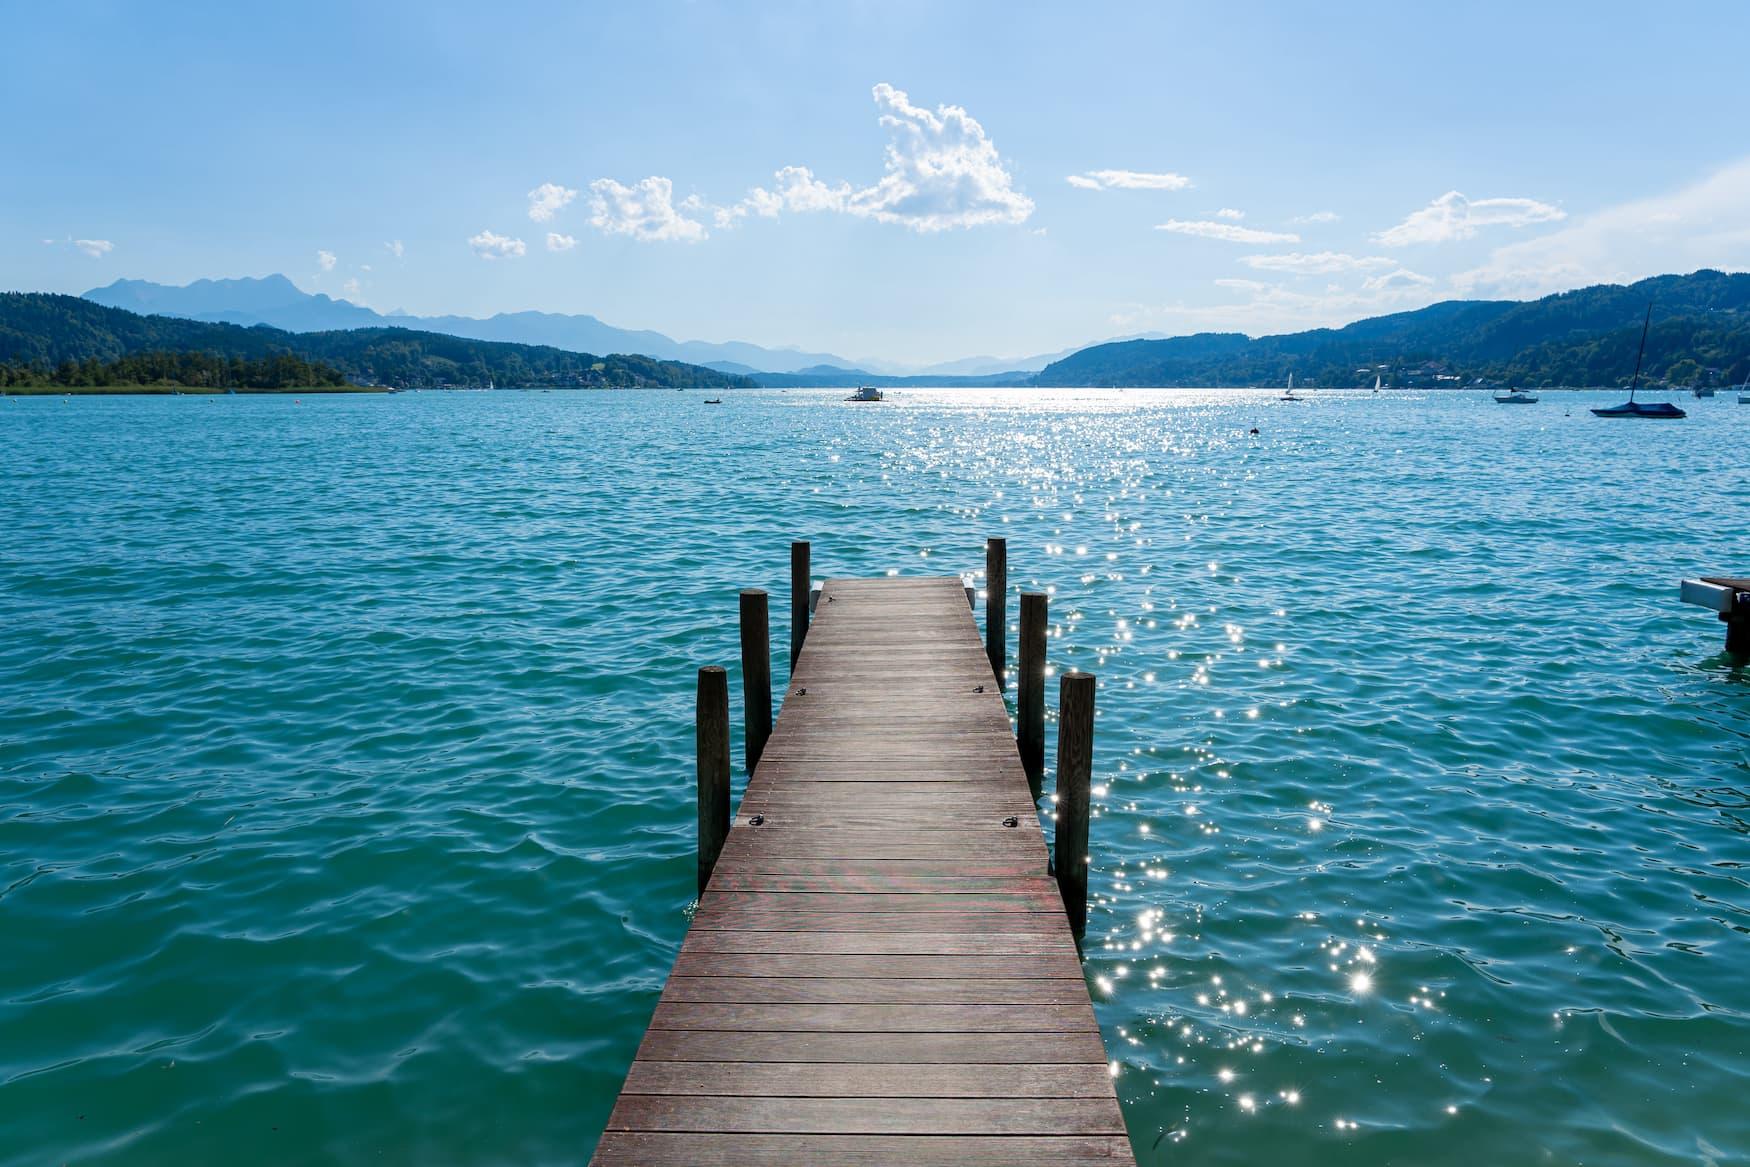 Dock am Wörthersee in Österreich